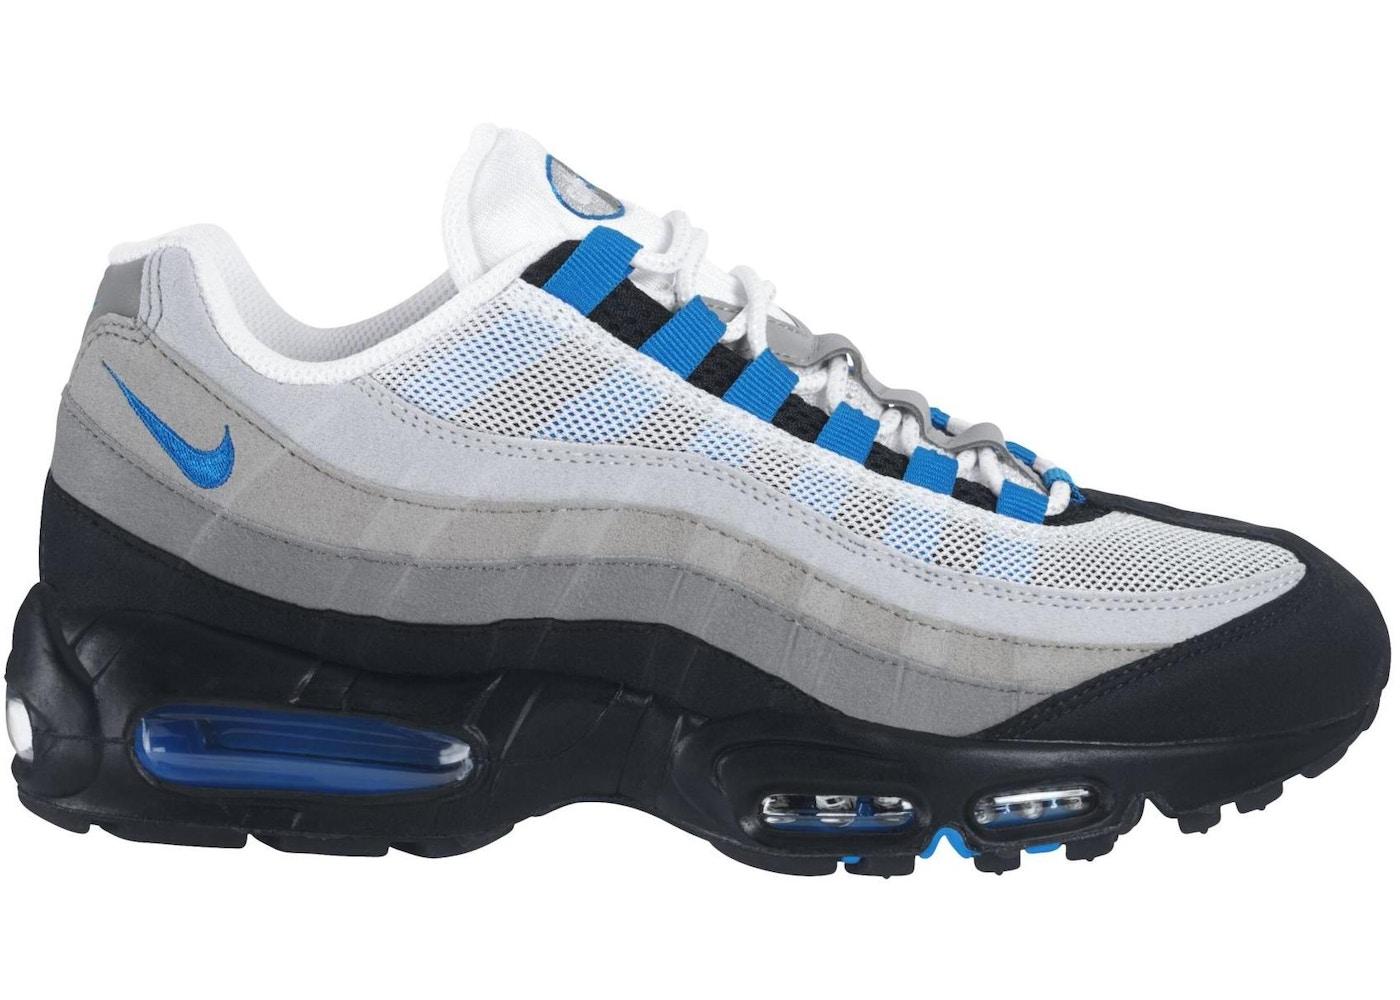 Nike Air Max 95 Photo Blue 2010 609048 034